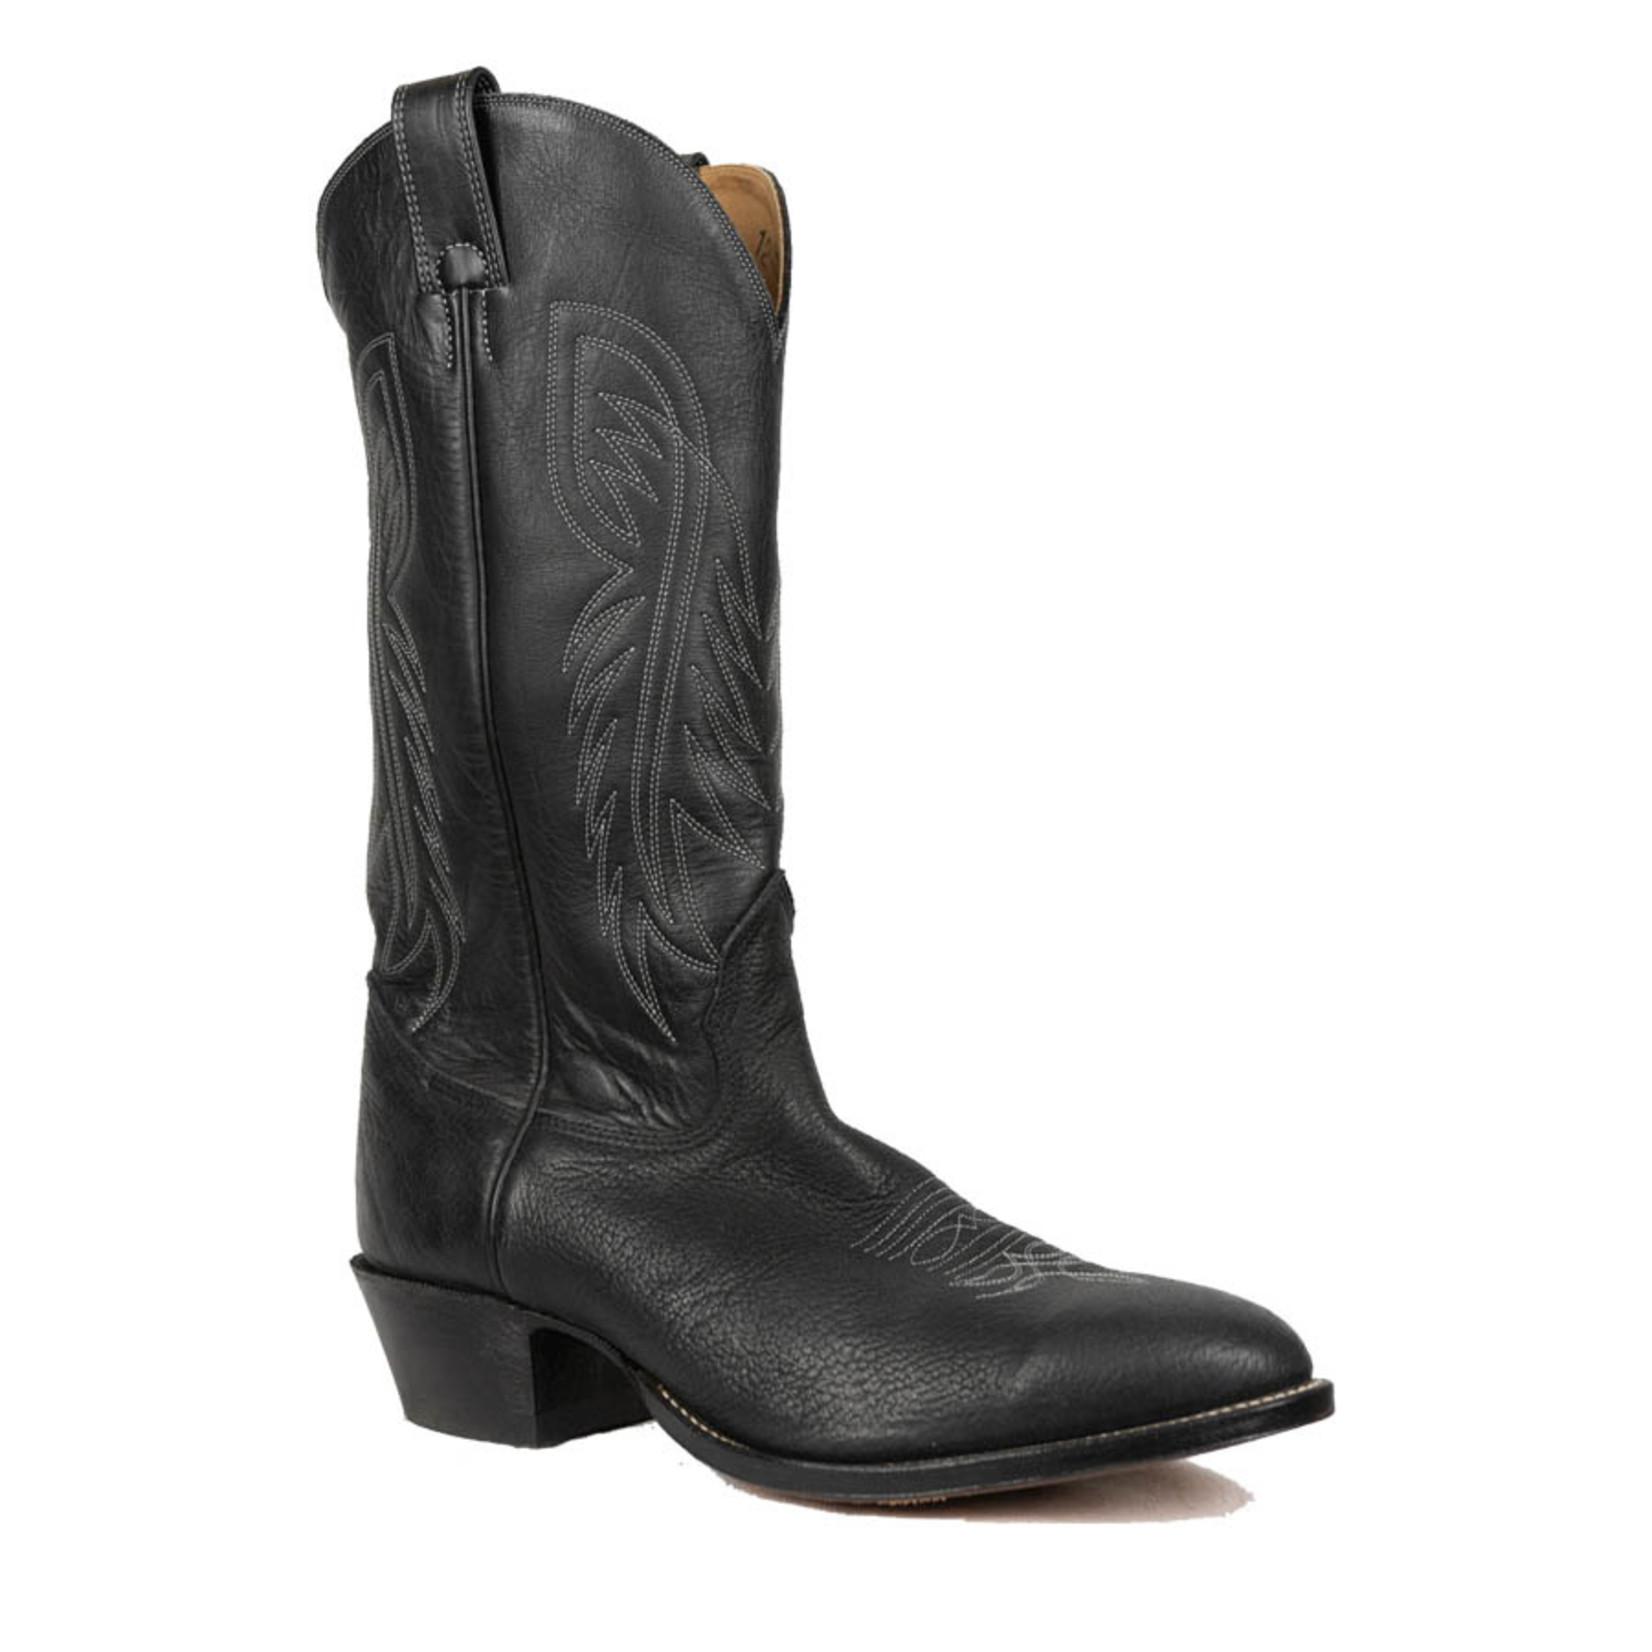 Alberta Boots Alberta Boots Men's Cowboy Boot 210TB wE